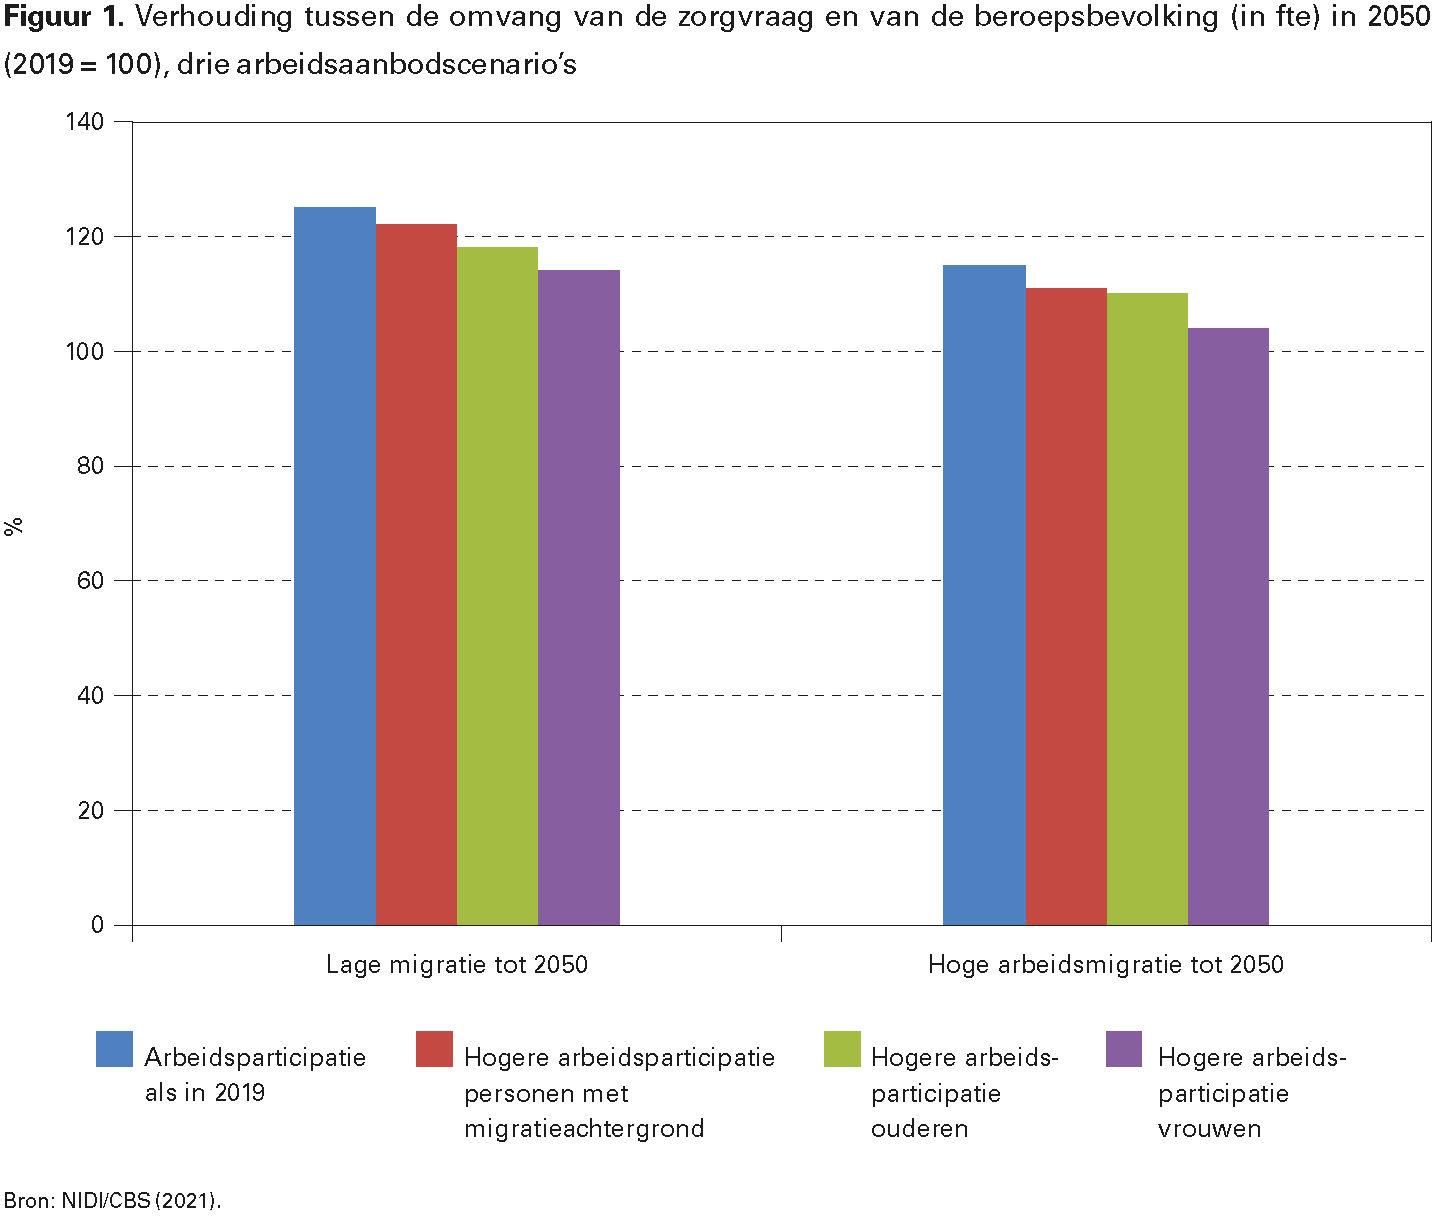 Figuur 1. Verhouding tussen de omvang van de zorgvraag en van de beroepsbevolking (in fte) in 2050 (2019 = 100), drie arbeidsaanbodscenario's